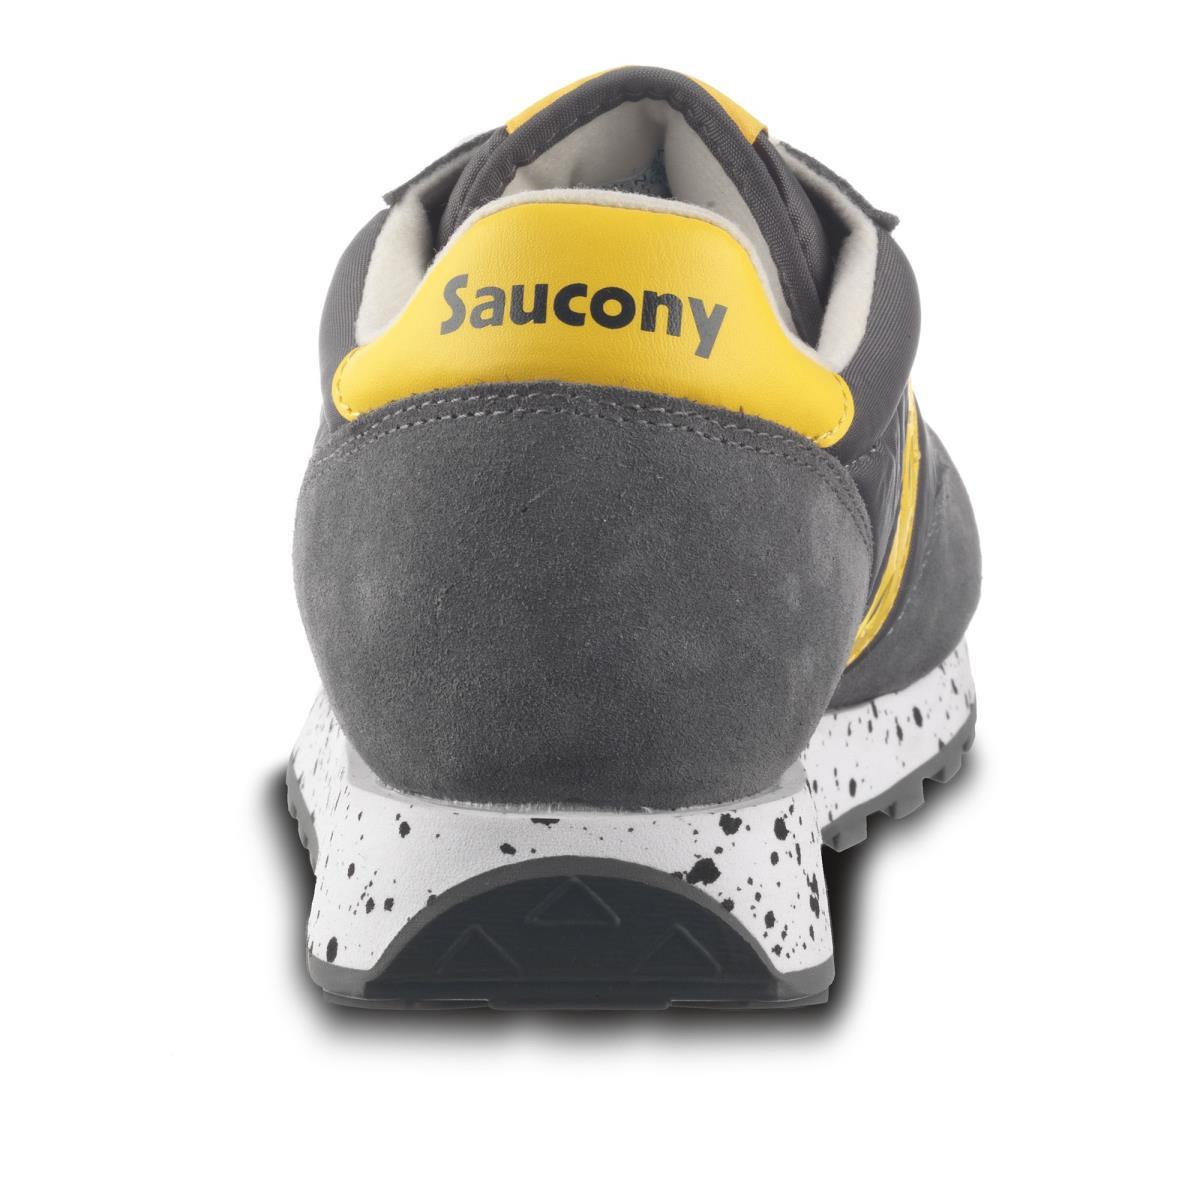 saucony 2044